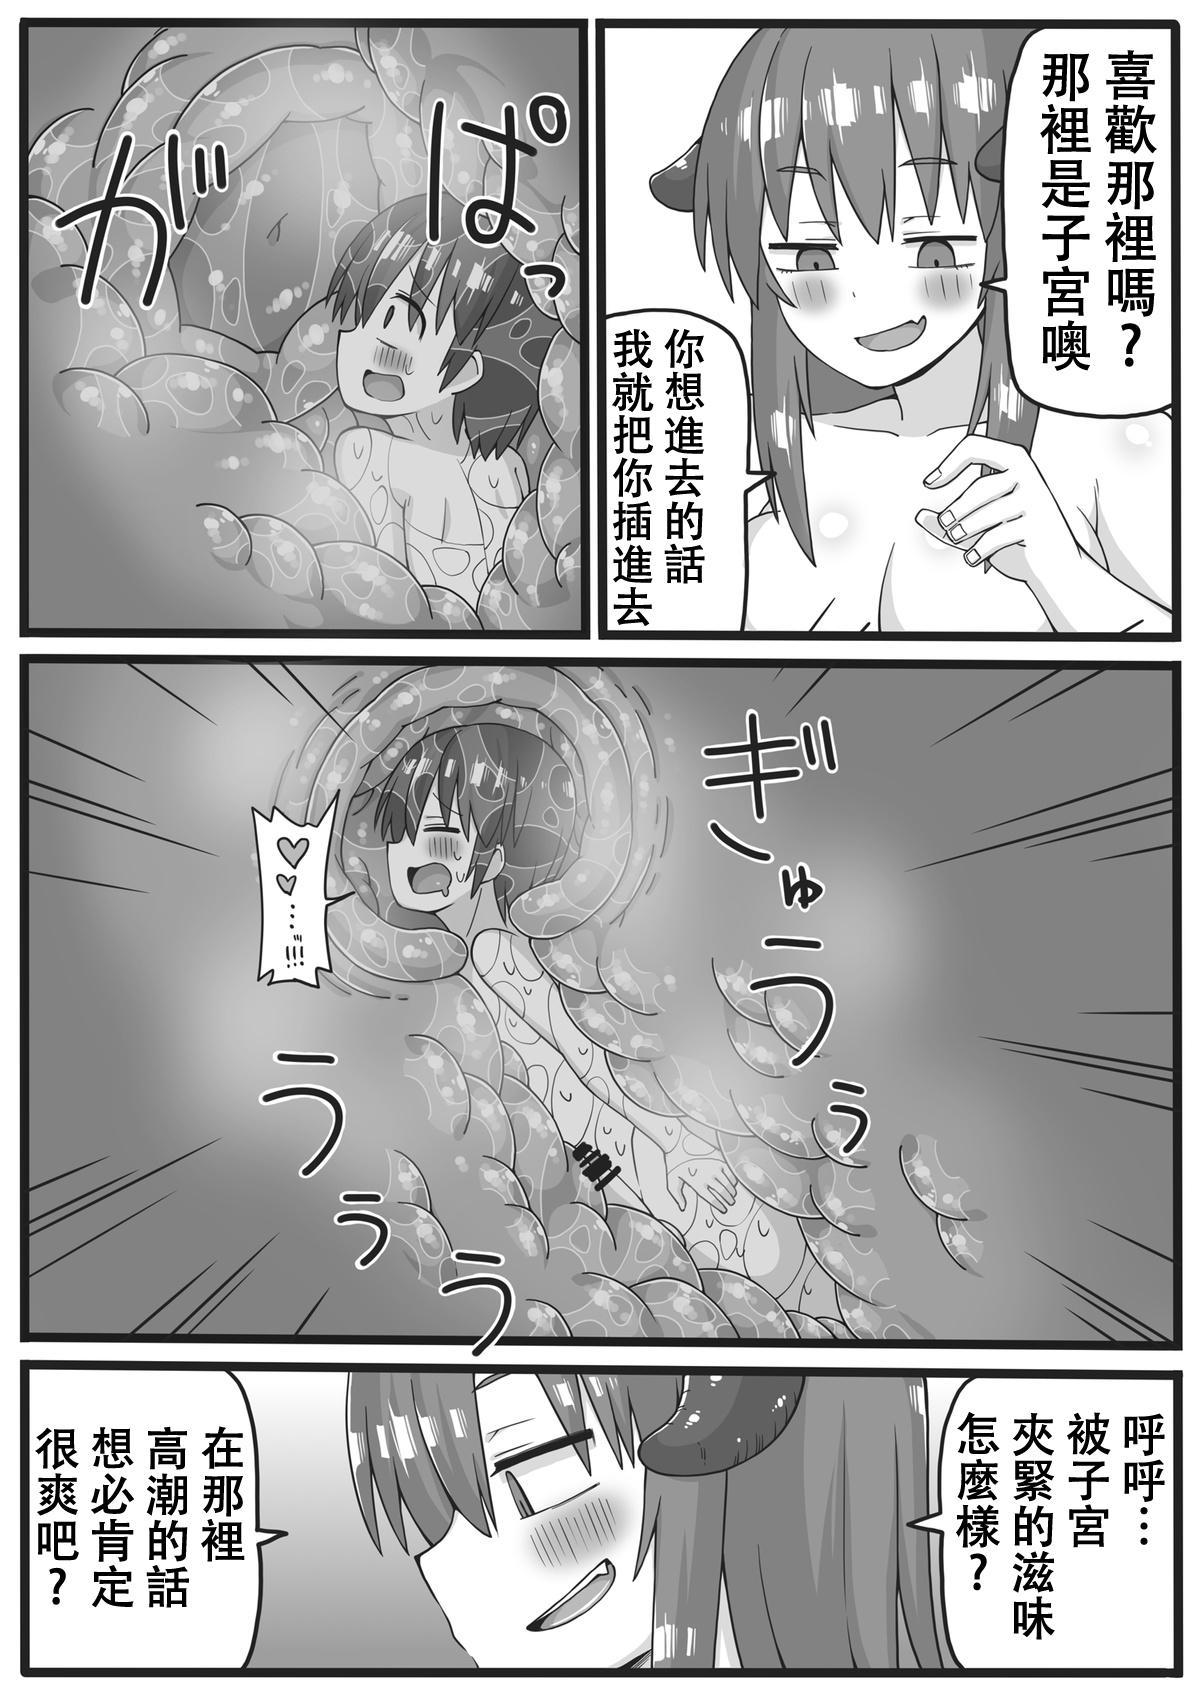 Yuusha ga Chiisaku Ecchi na Koto o Sarete Shimau Manga 20